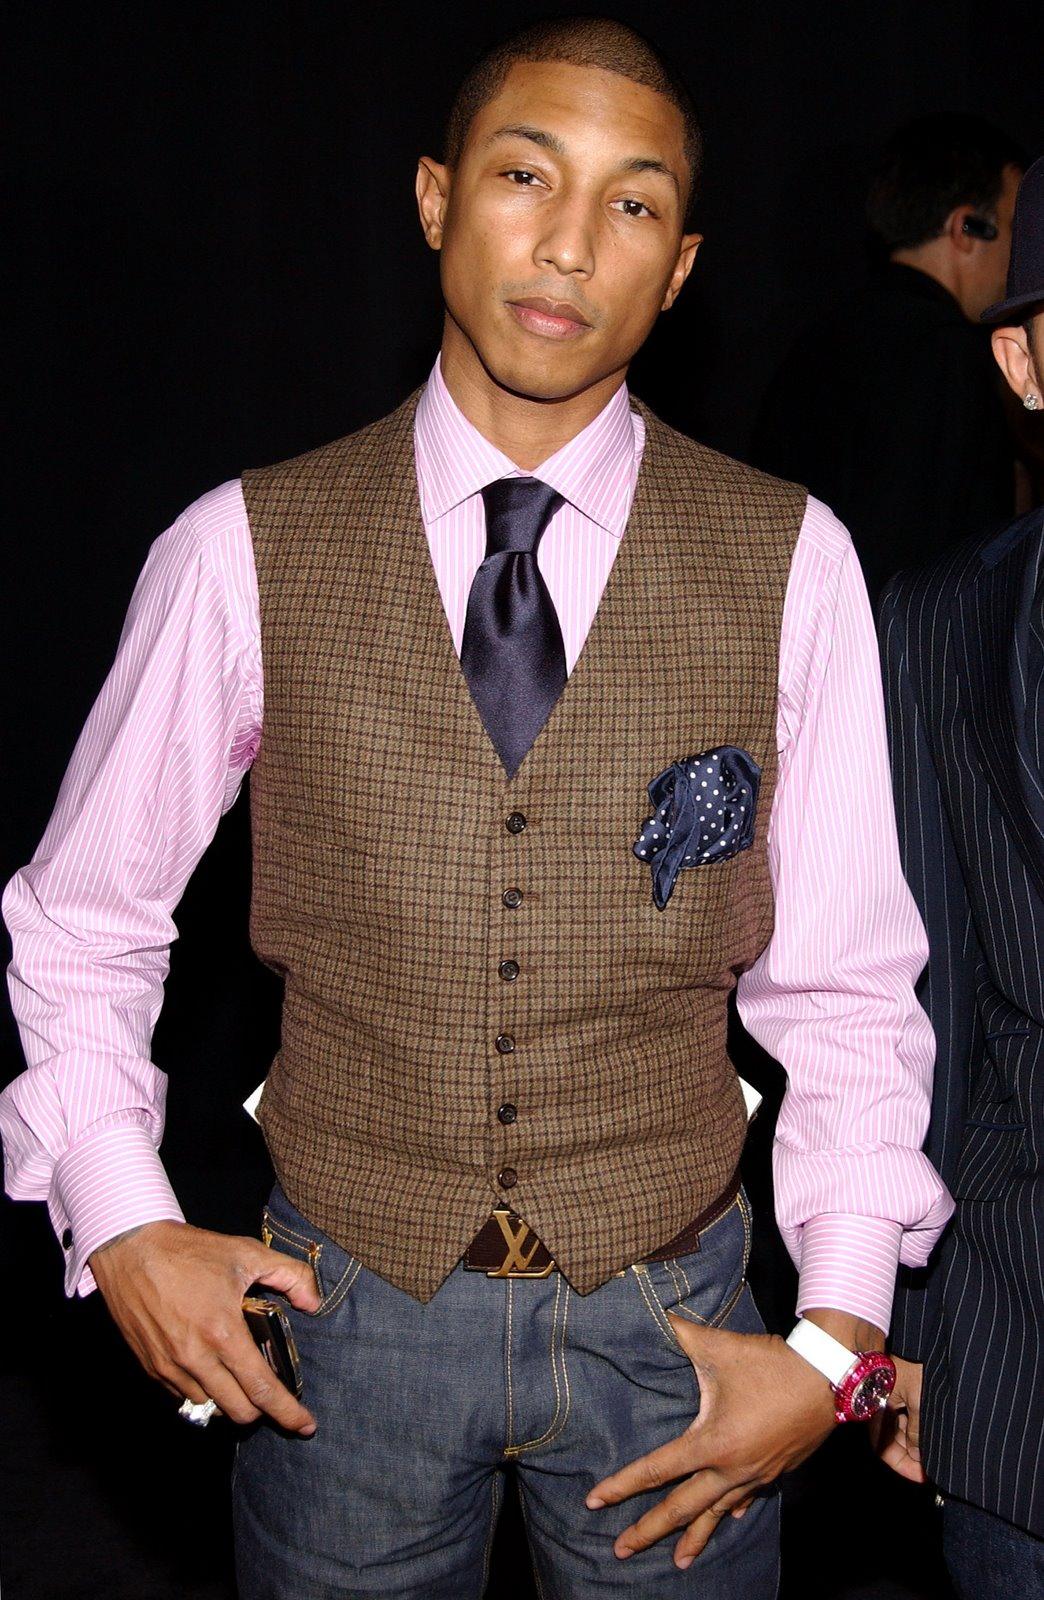 casual dress jackets for men Por último les dejo una foto de la marca de ropa de Pharrell ( http